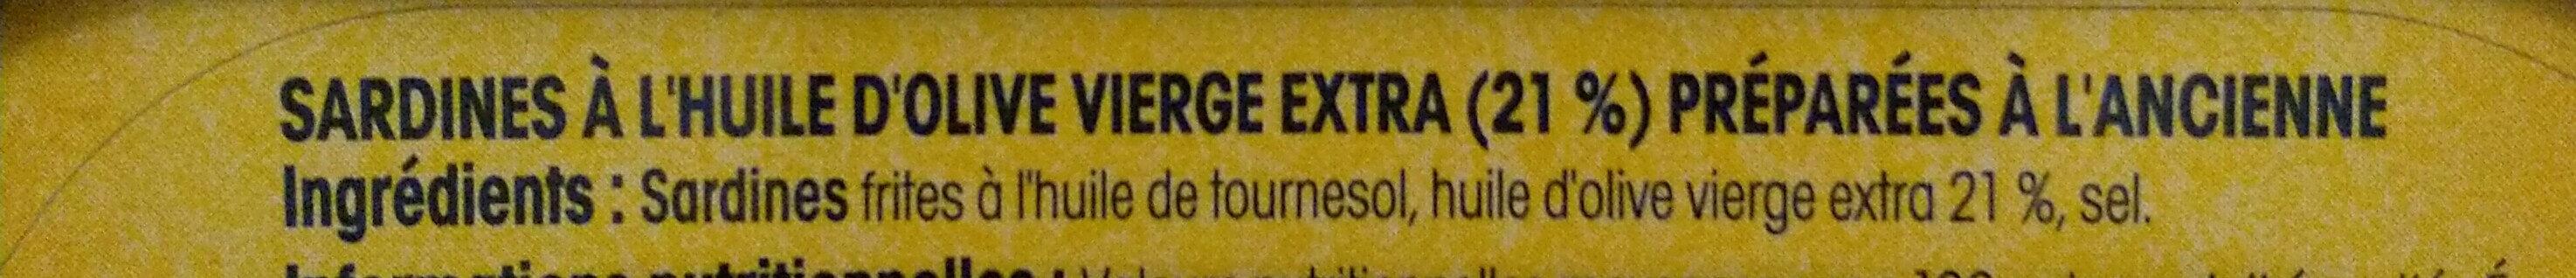 Sardines à l'huile d'olive verge extra (Préparées à l'ancienne) Label Rouge - Inhaltsstoffe